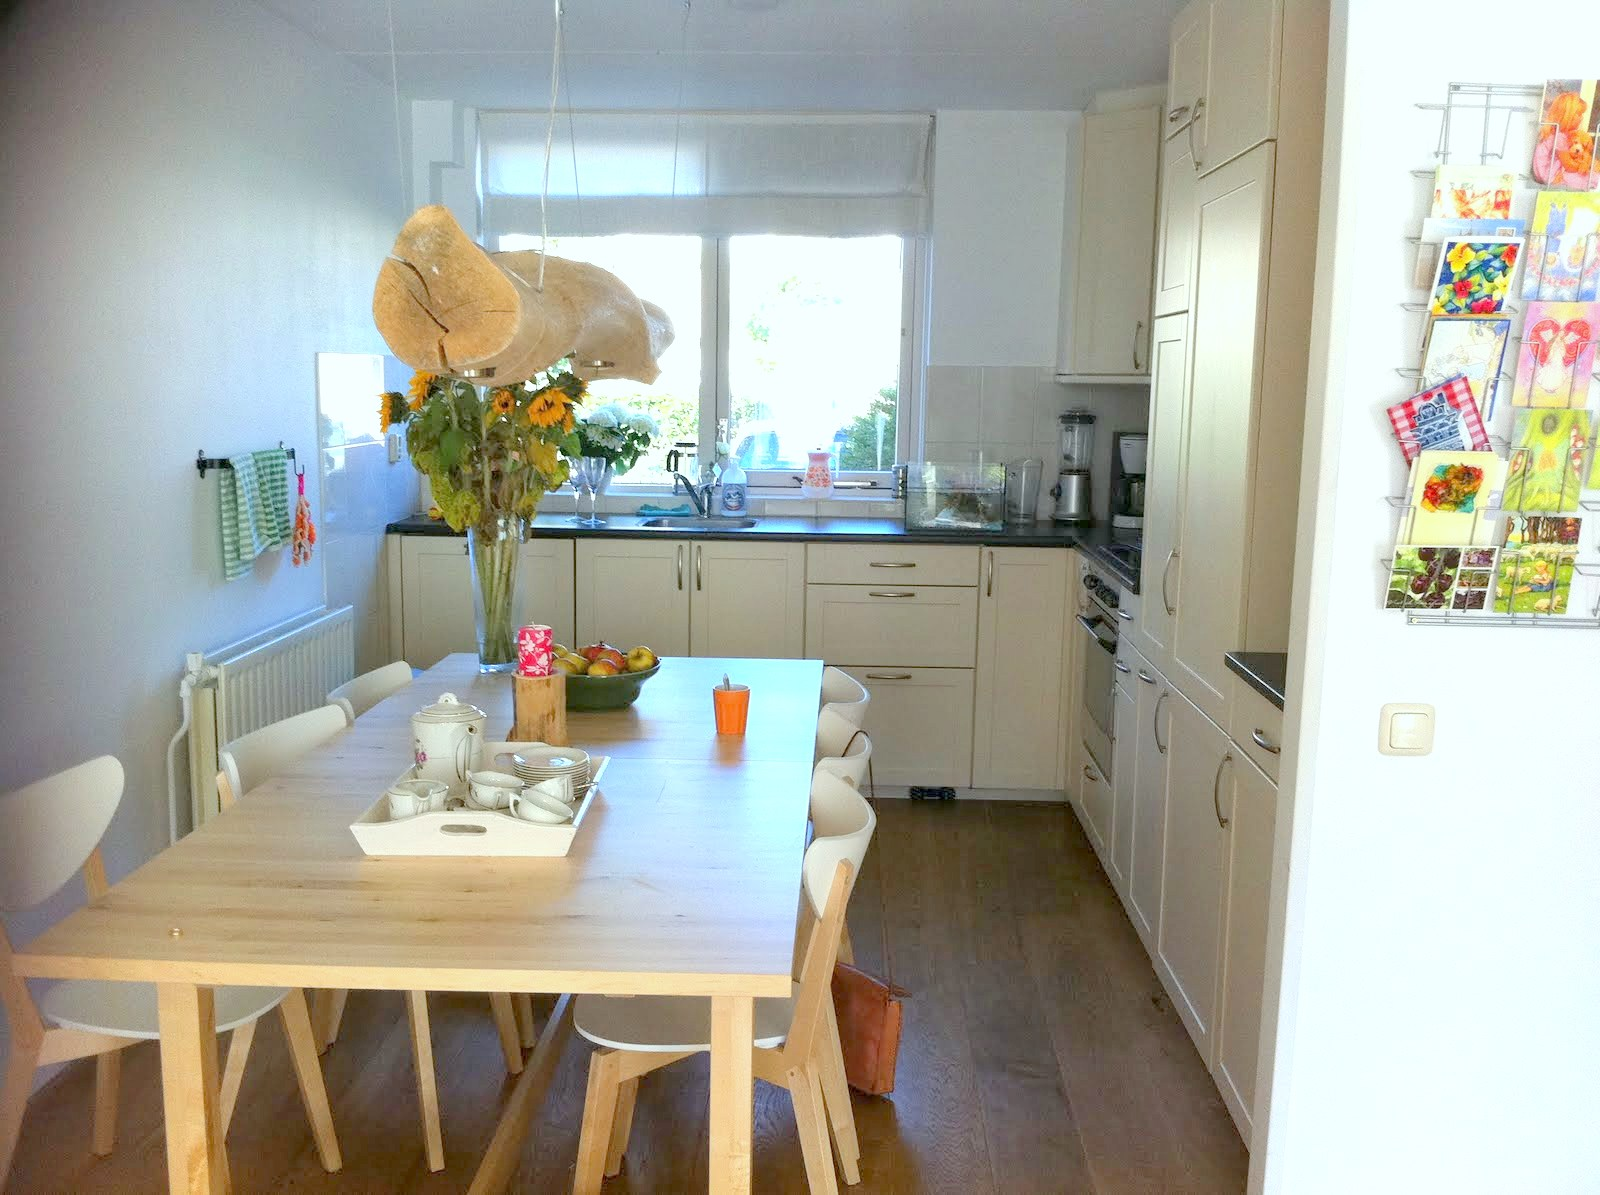 Keuken met kookeiland en bar - Winkel raam keuken ...